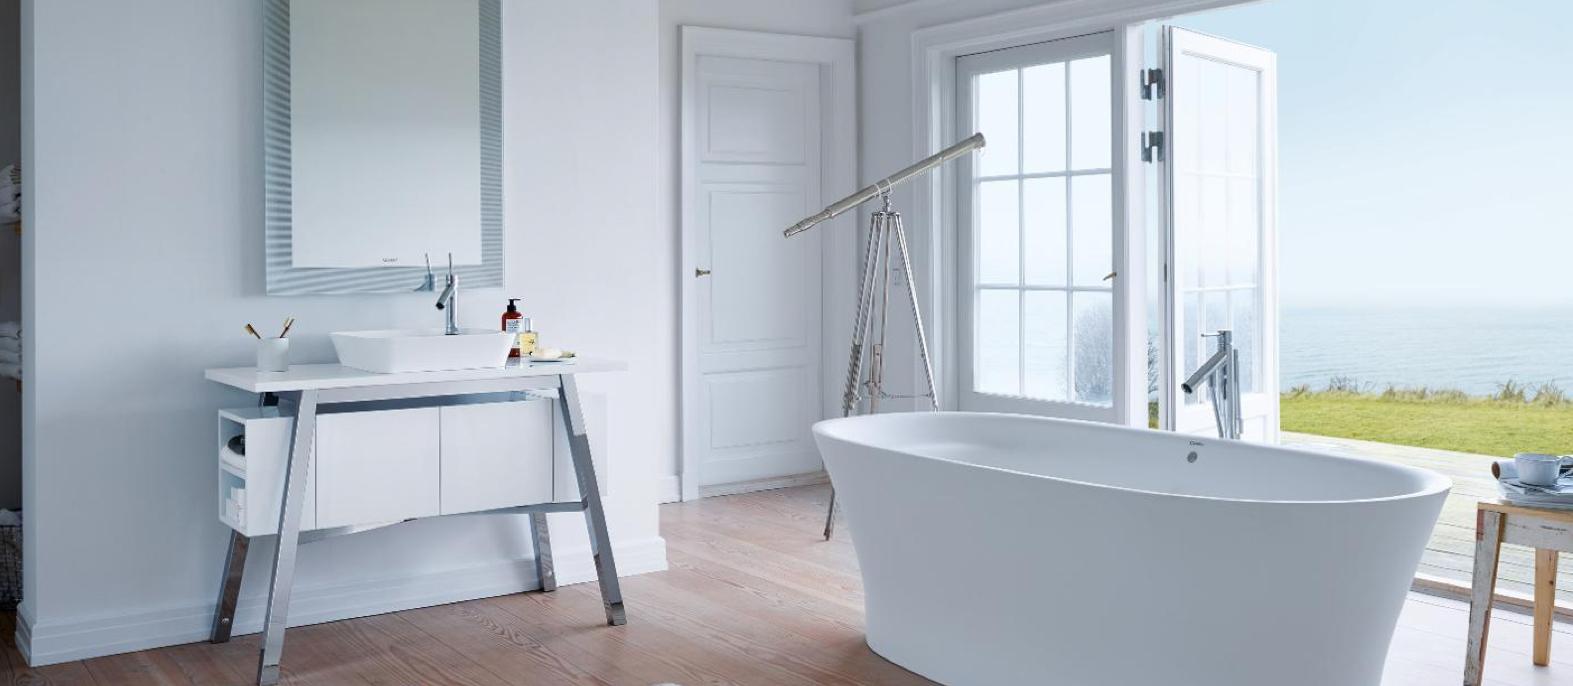 Welcome | Cape Plumbing & Bathroom Supplies